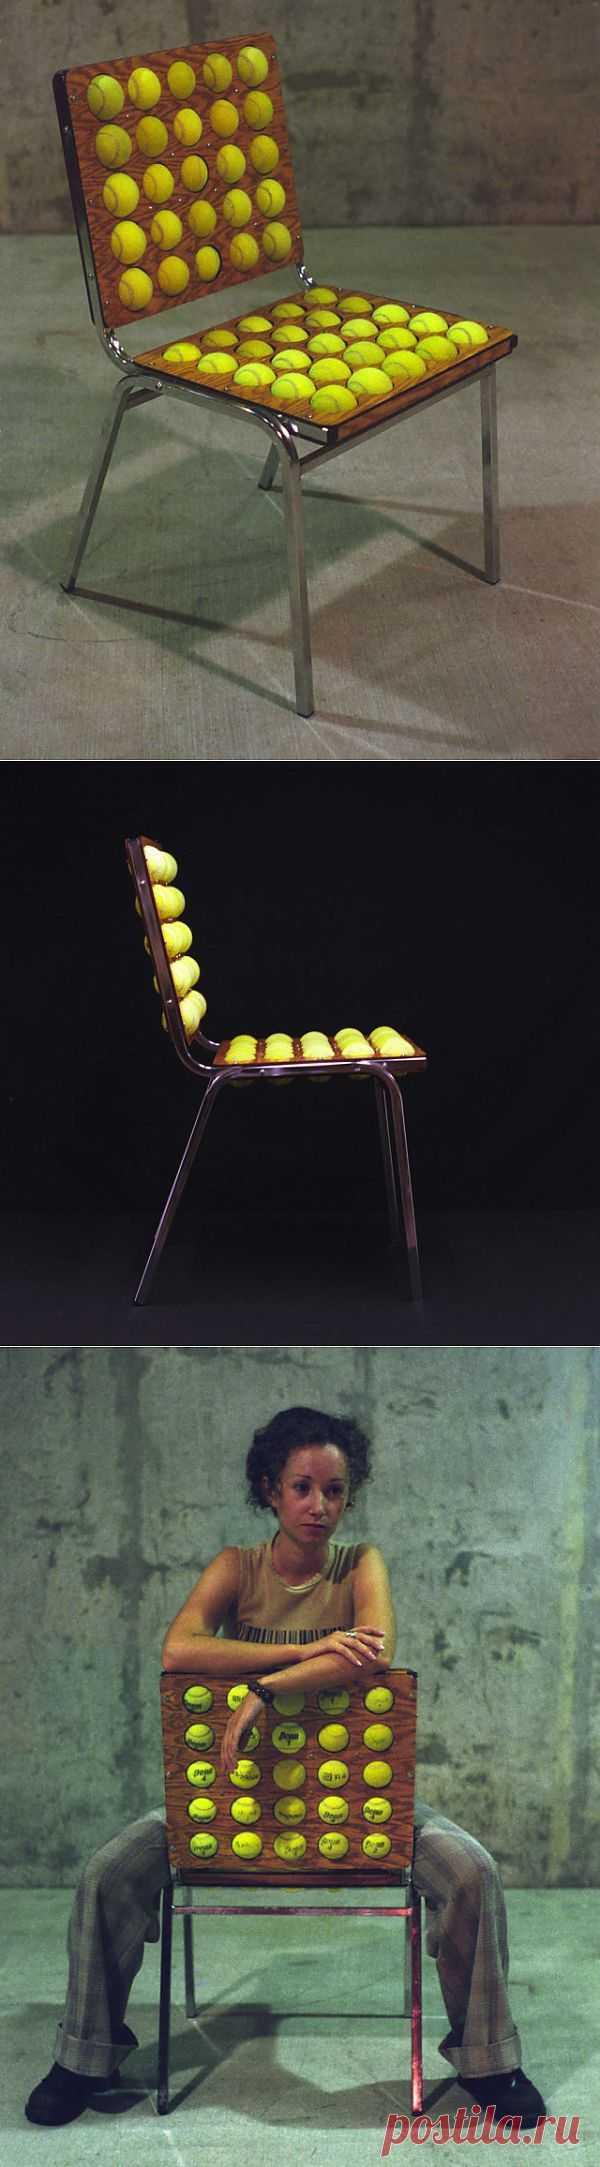 Стул с теннисными мячами (мастер-класс) / Мебель / Модный сайт о стильной переделке одежды и интерьера